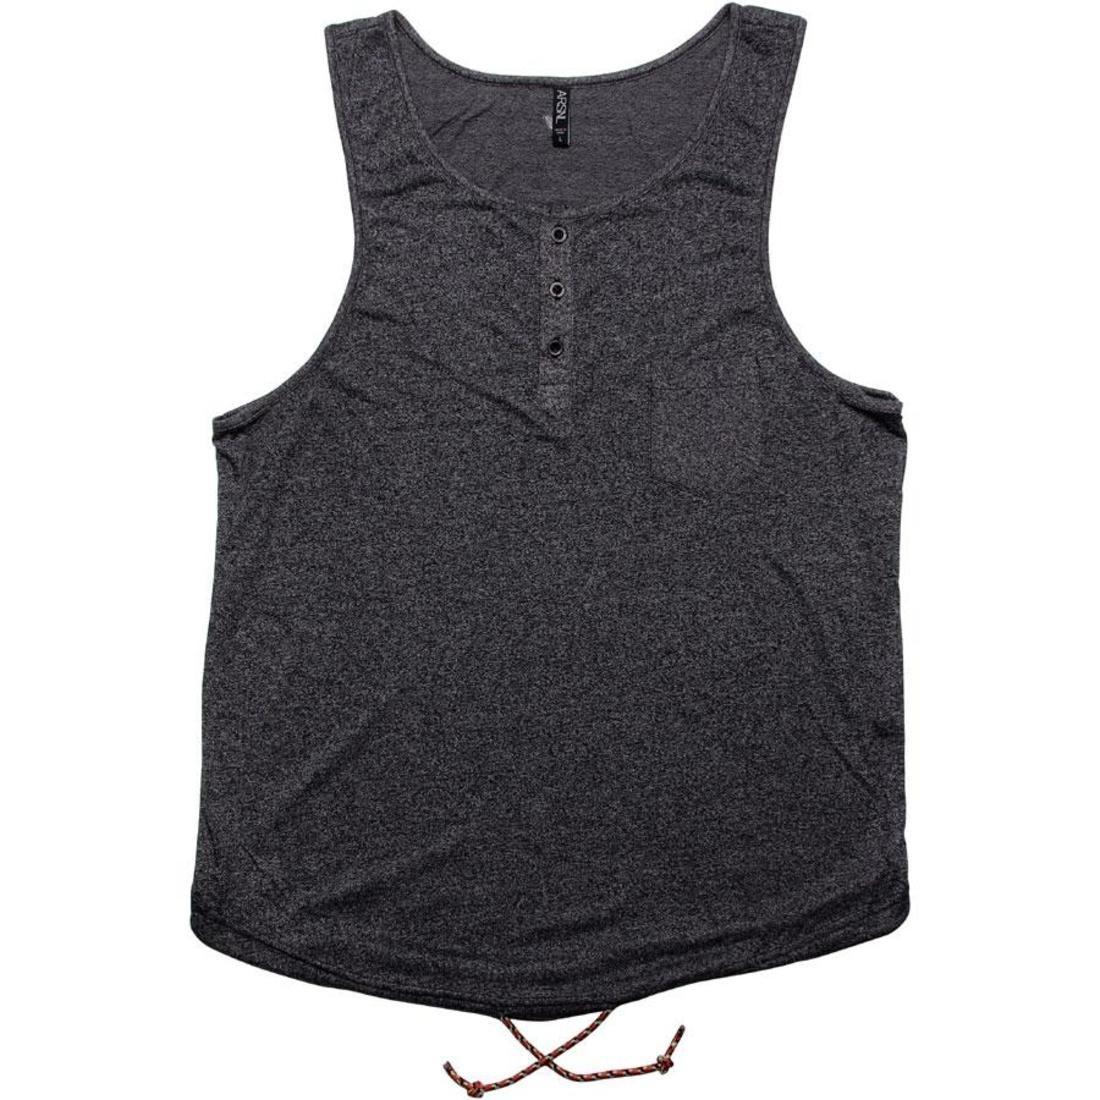 タンクトップ 黒 ブラック 【 BLACK ARSNL ORACLE TANK TOP SPECKLE 】 メンズファッション トップス タンクトップ